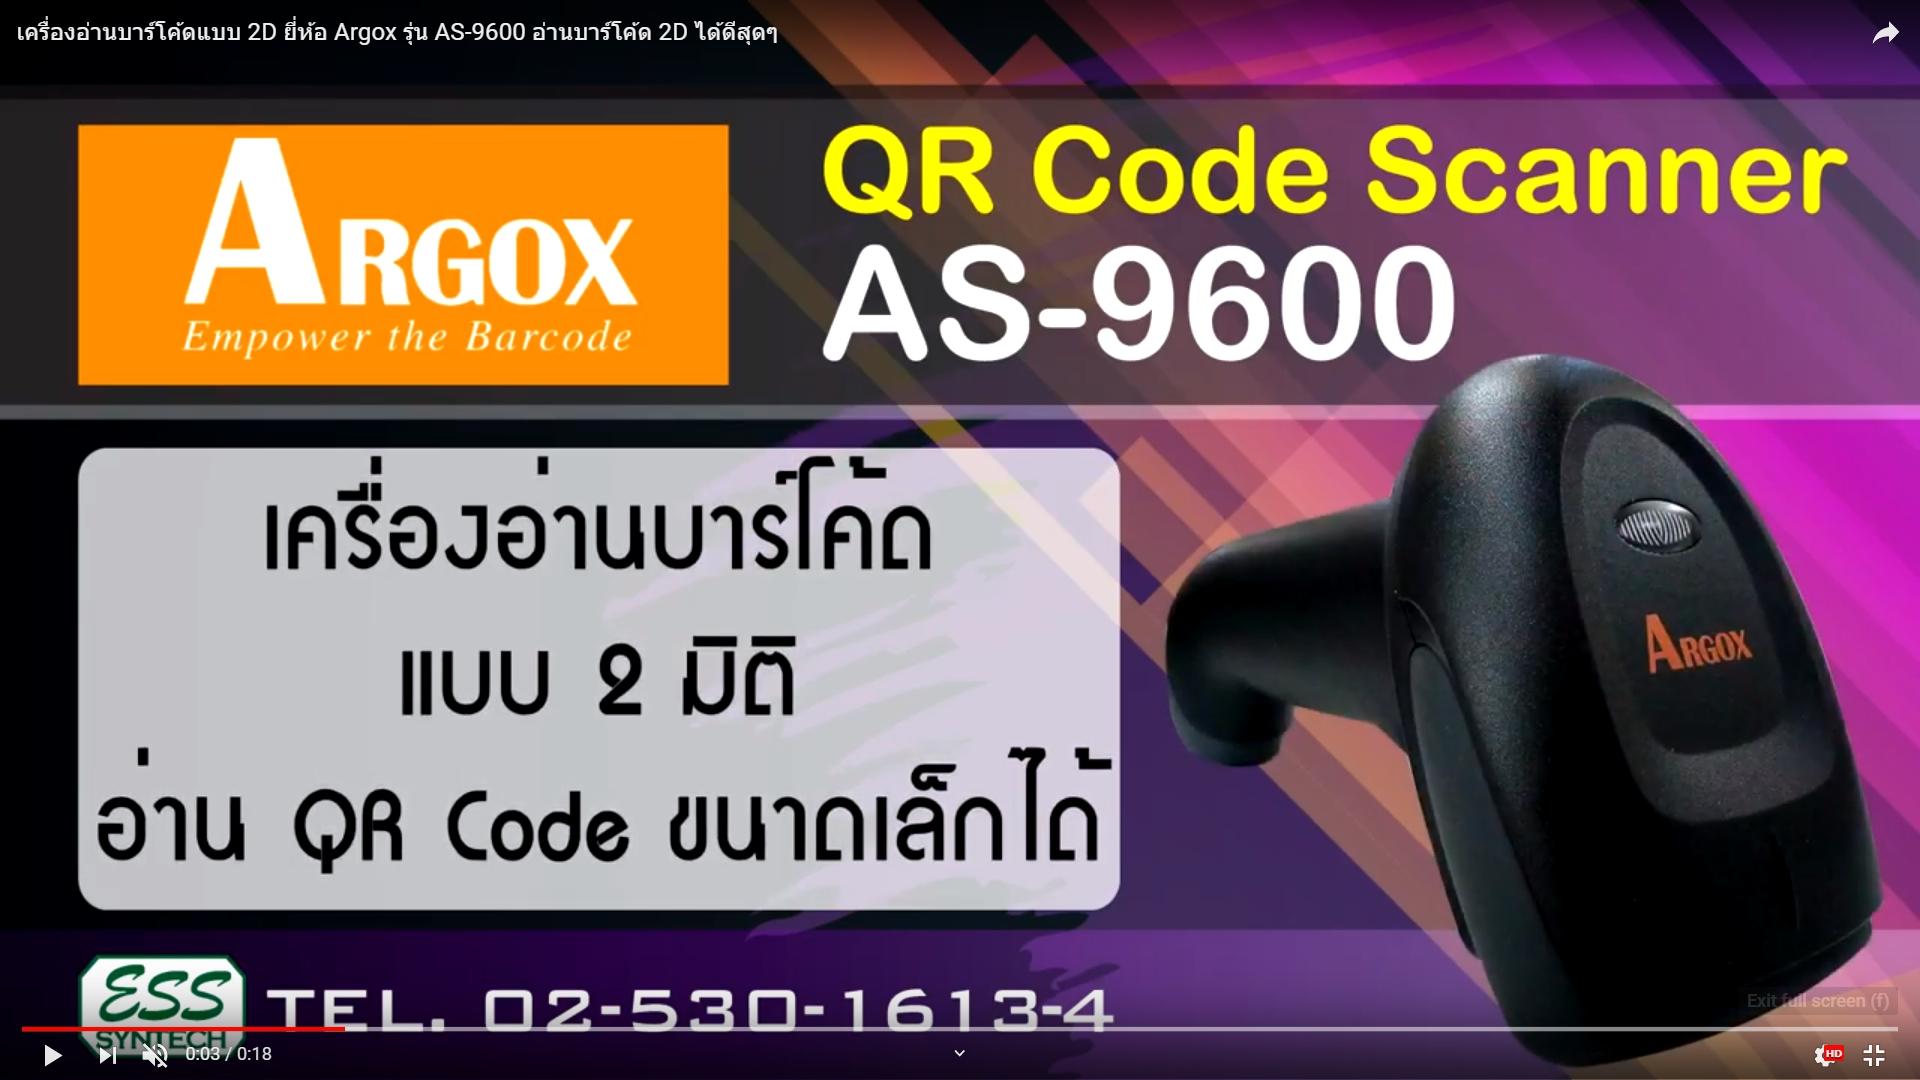 เครื่องอ่านบาร์โค้ดแบบ 2D ยี่ห้อ Argox รุ่น AS-9600 อ่านบาร์โค้ด 2D ได้ดีสุดๆ